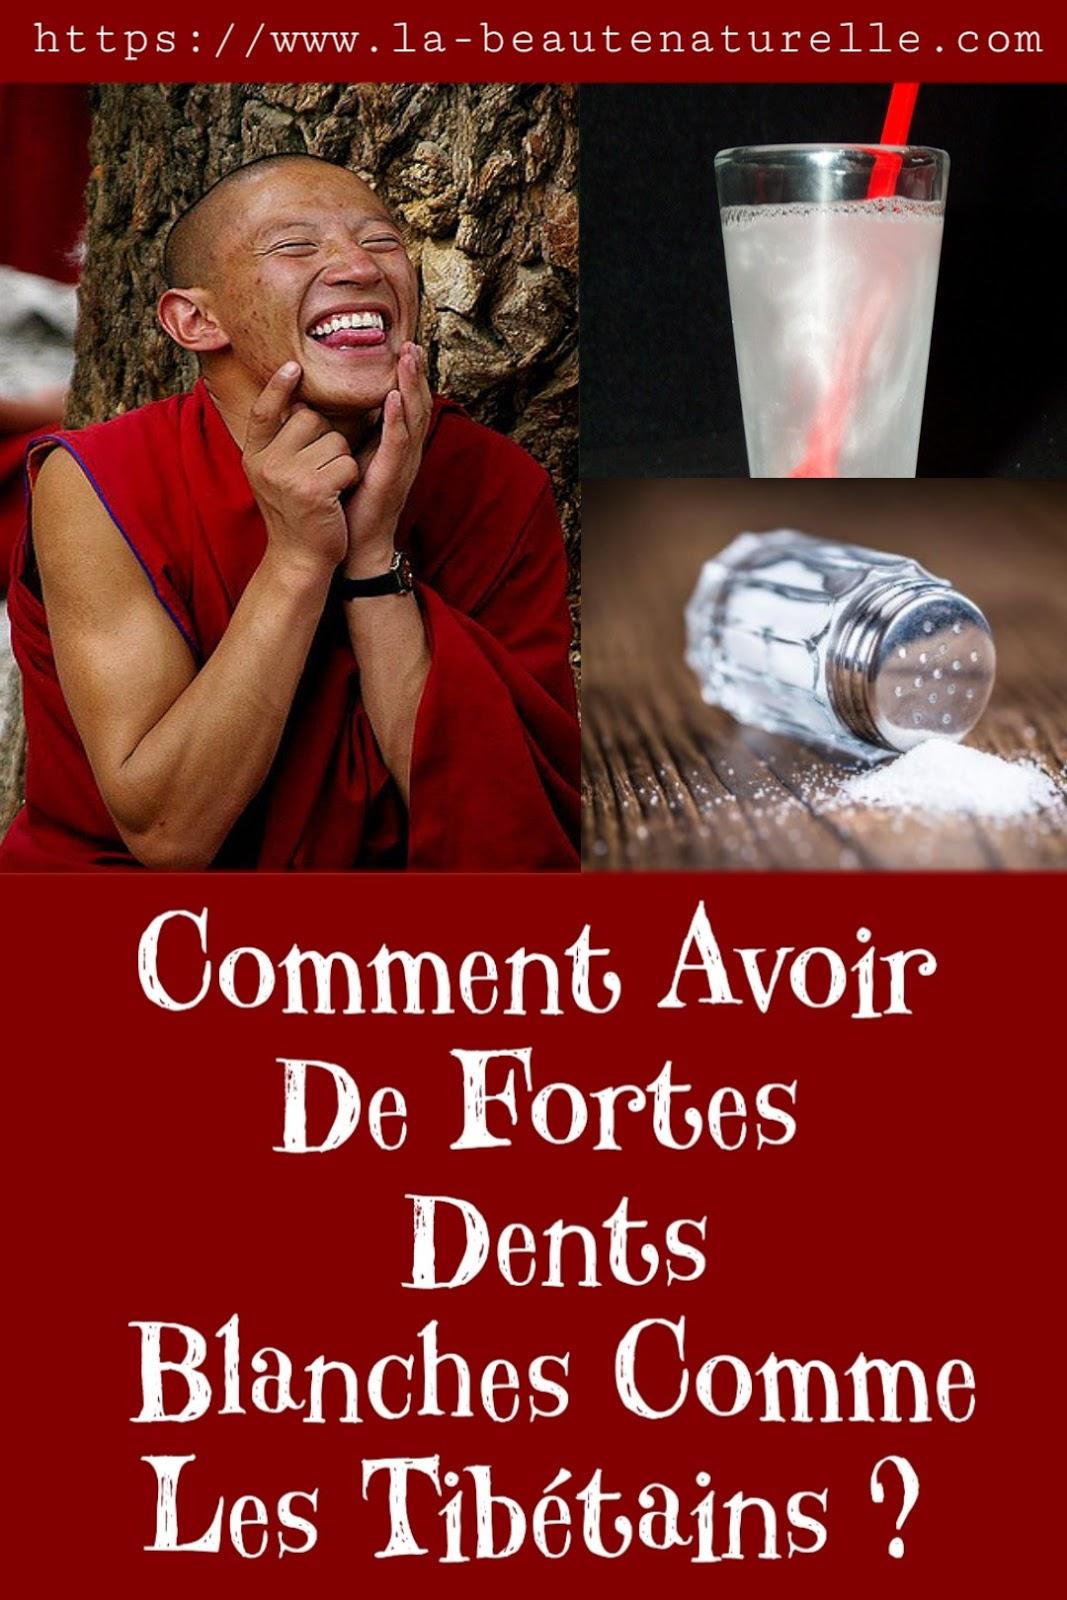 Comment Avoir De Fortes Dents Blanches Comme Les Tibétains ?